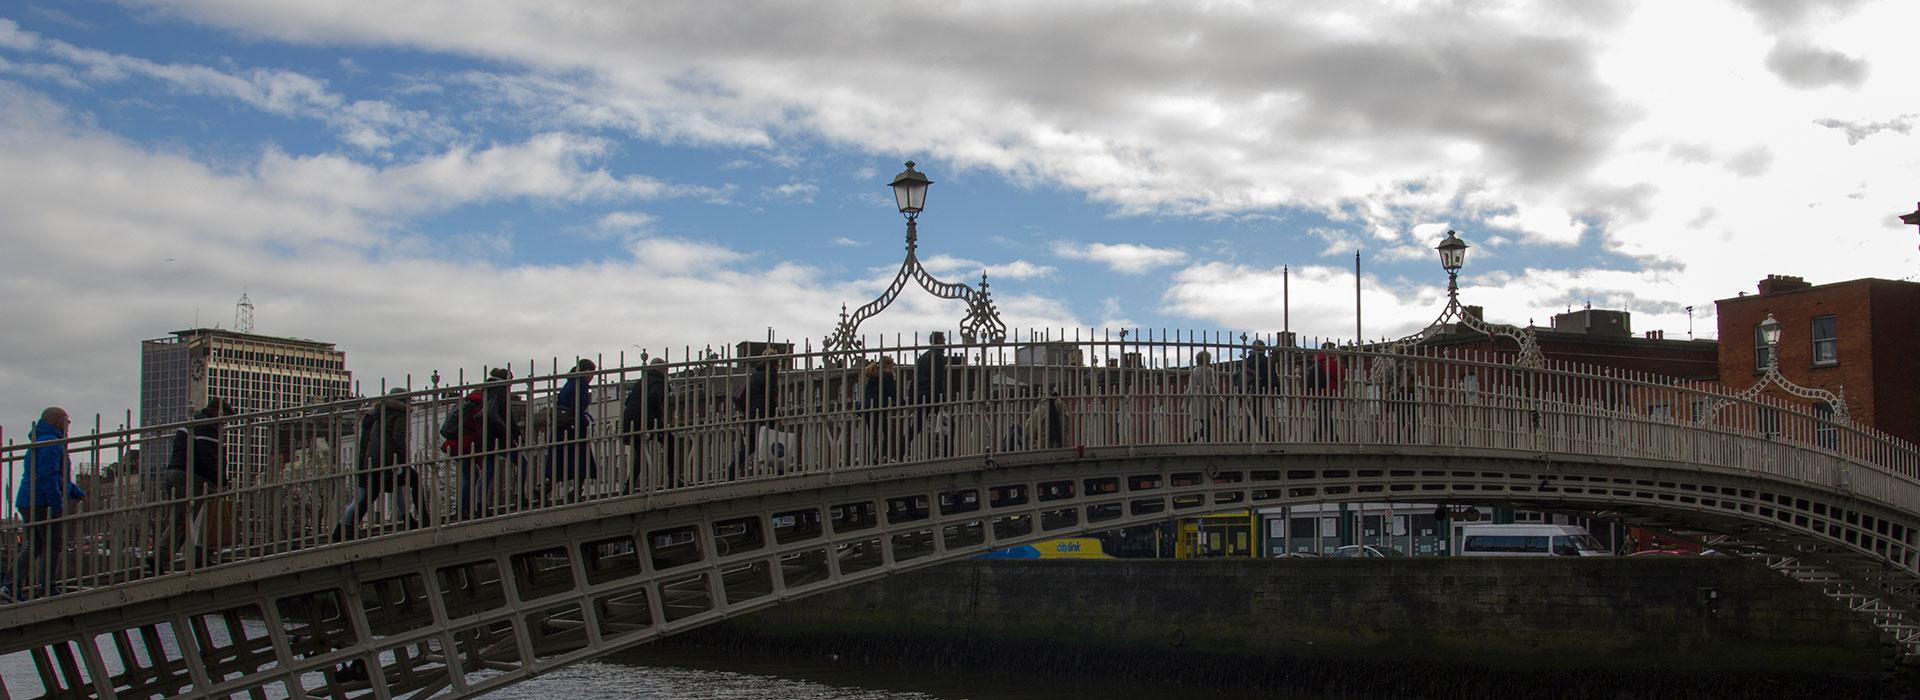 Bridge Dublin